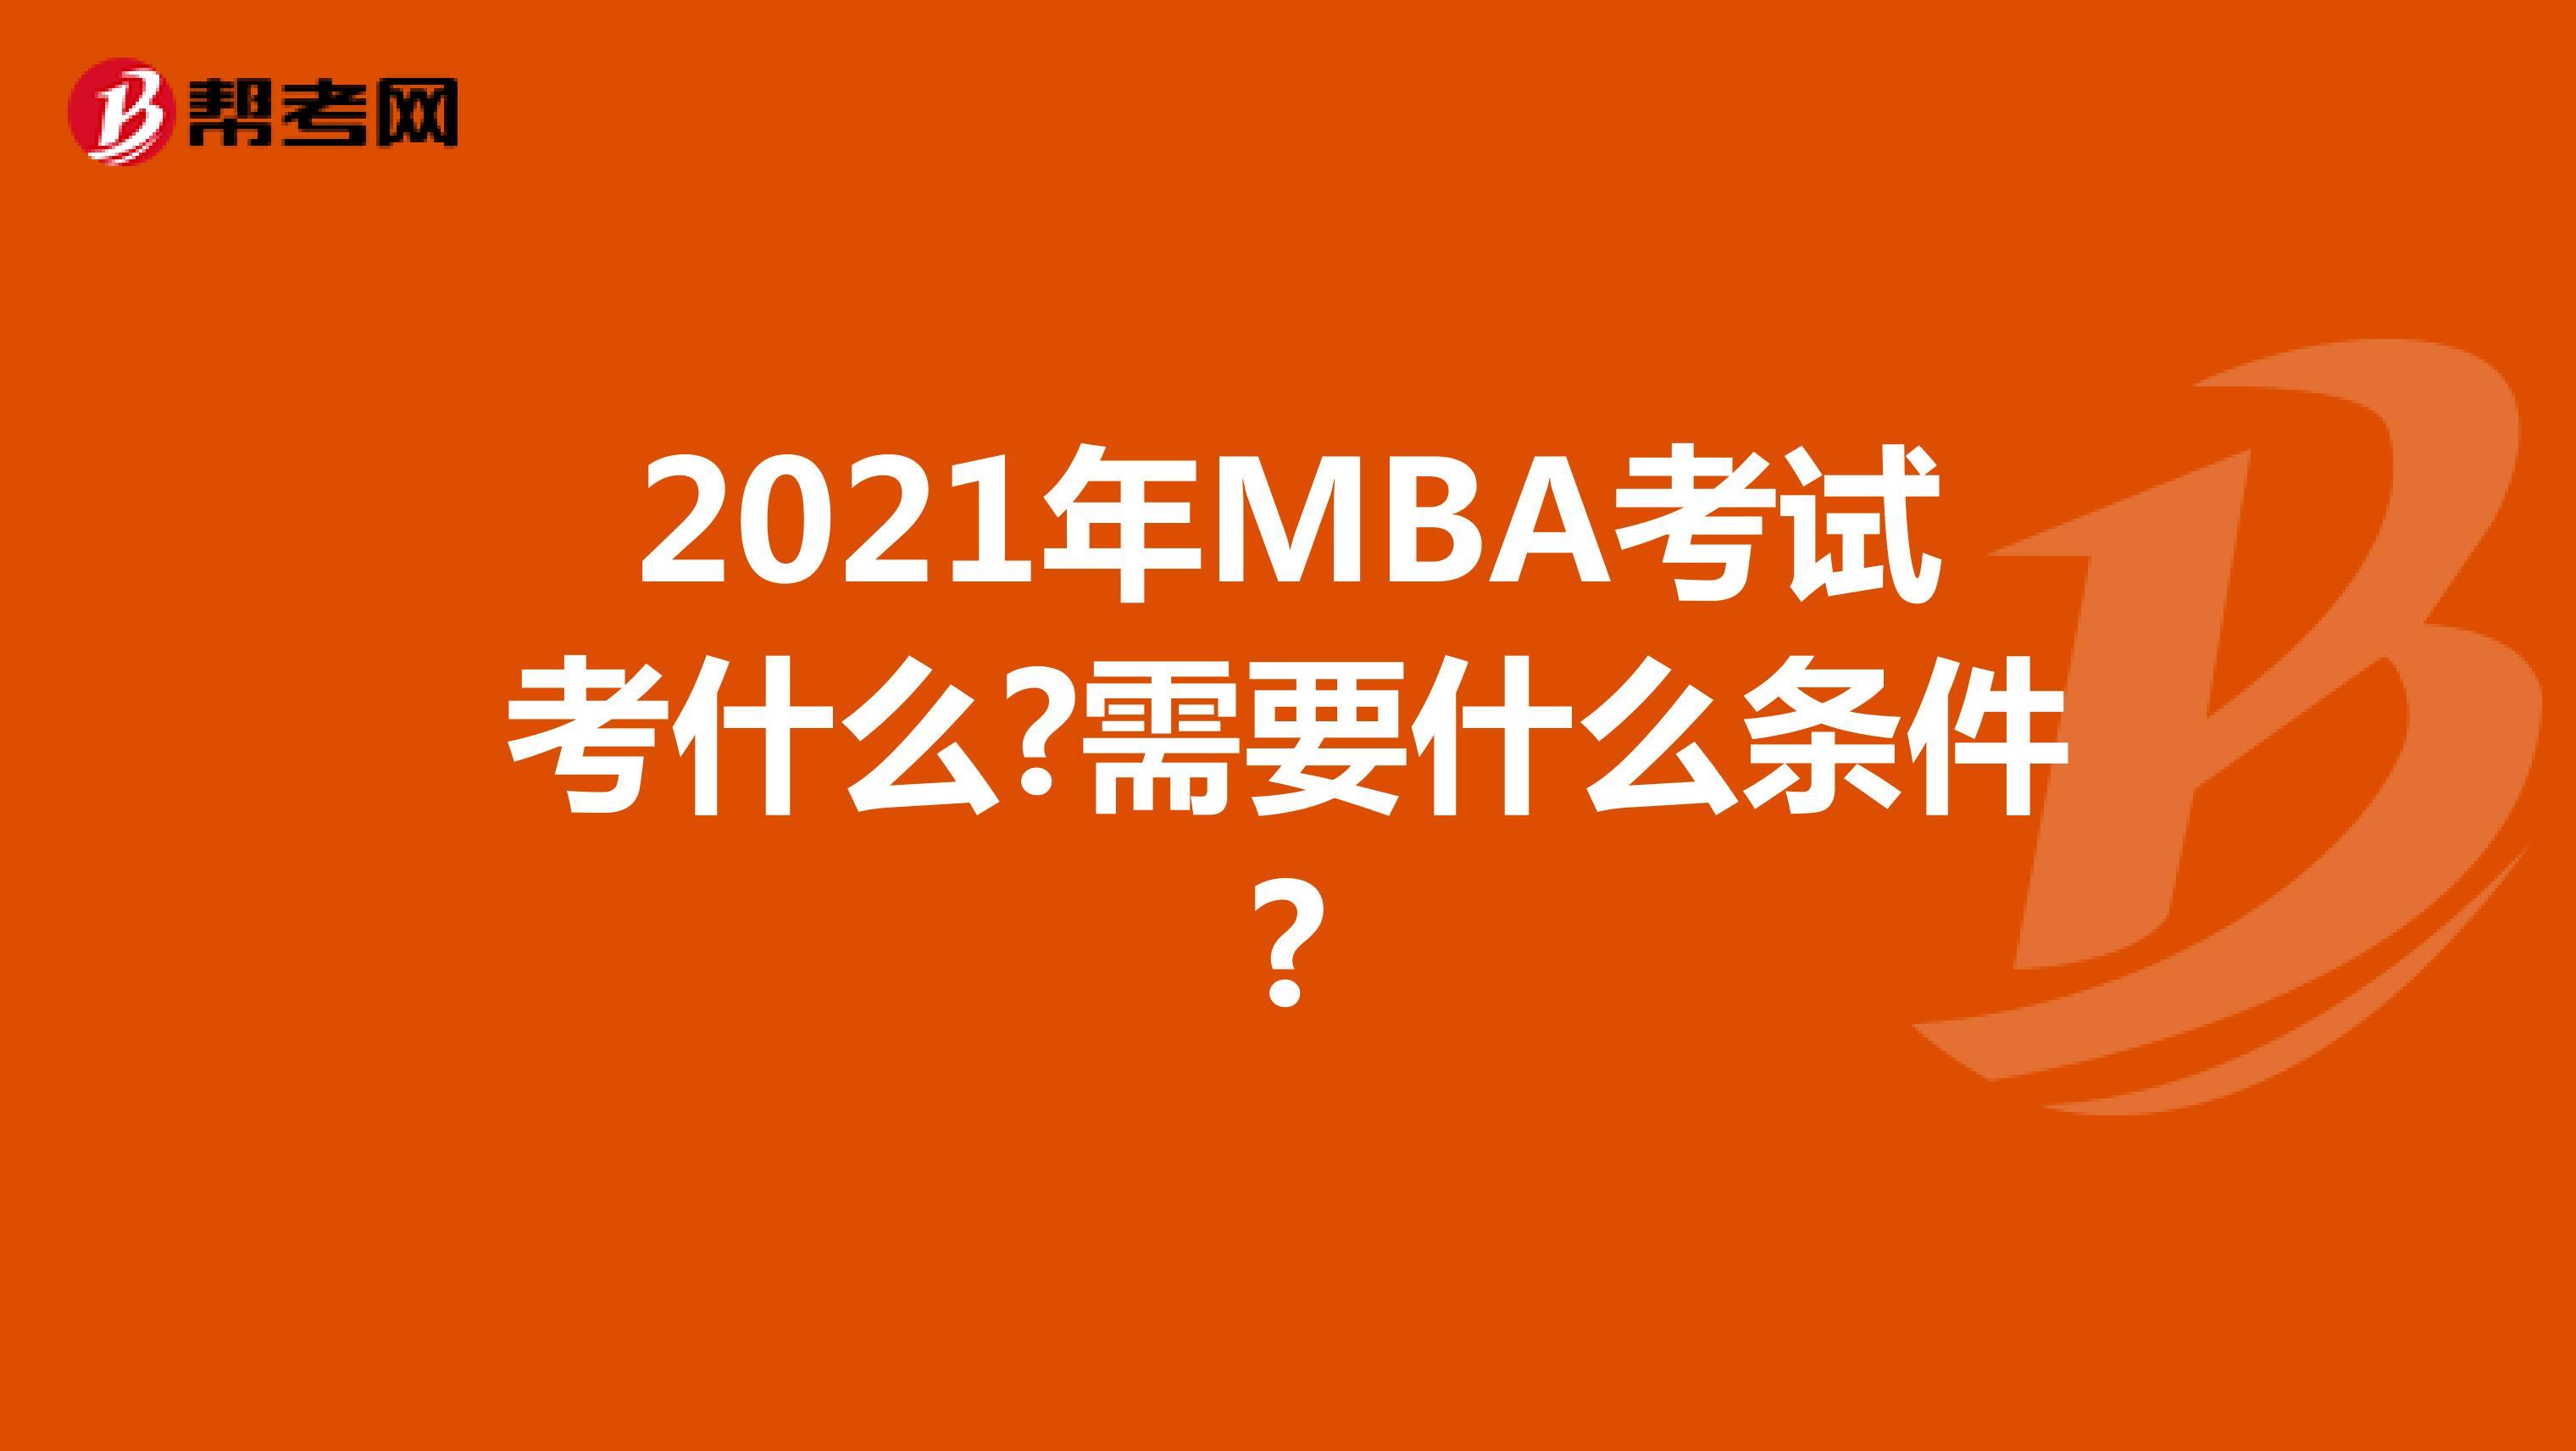 2021年MBA考試考什么?需要什么條件?